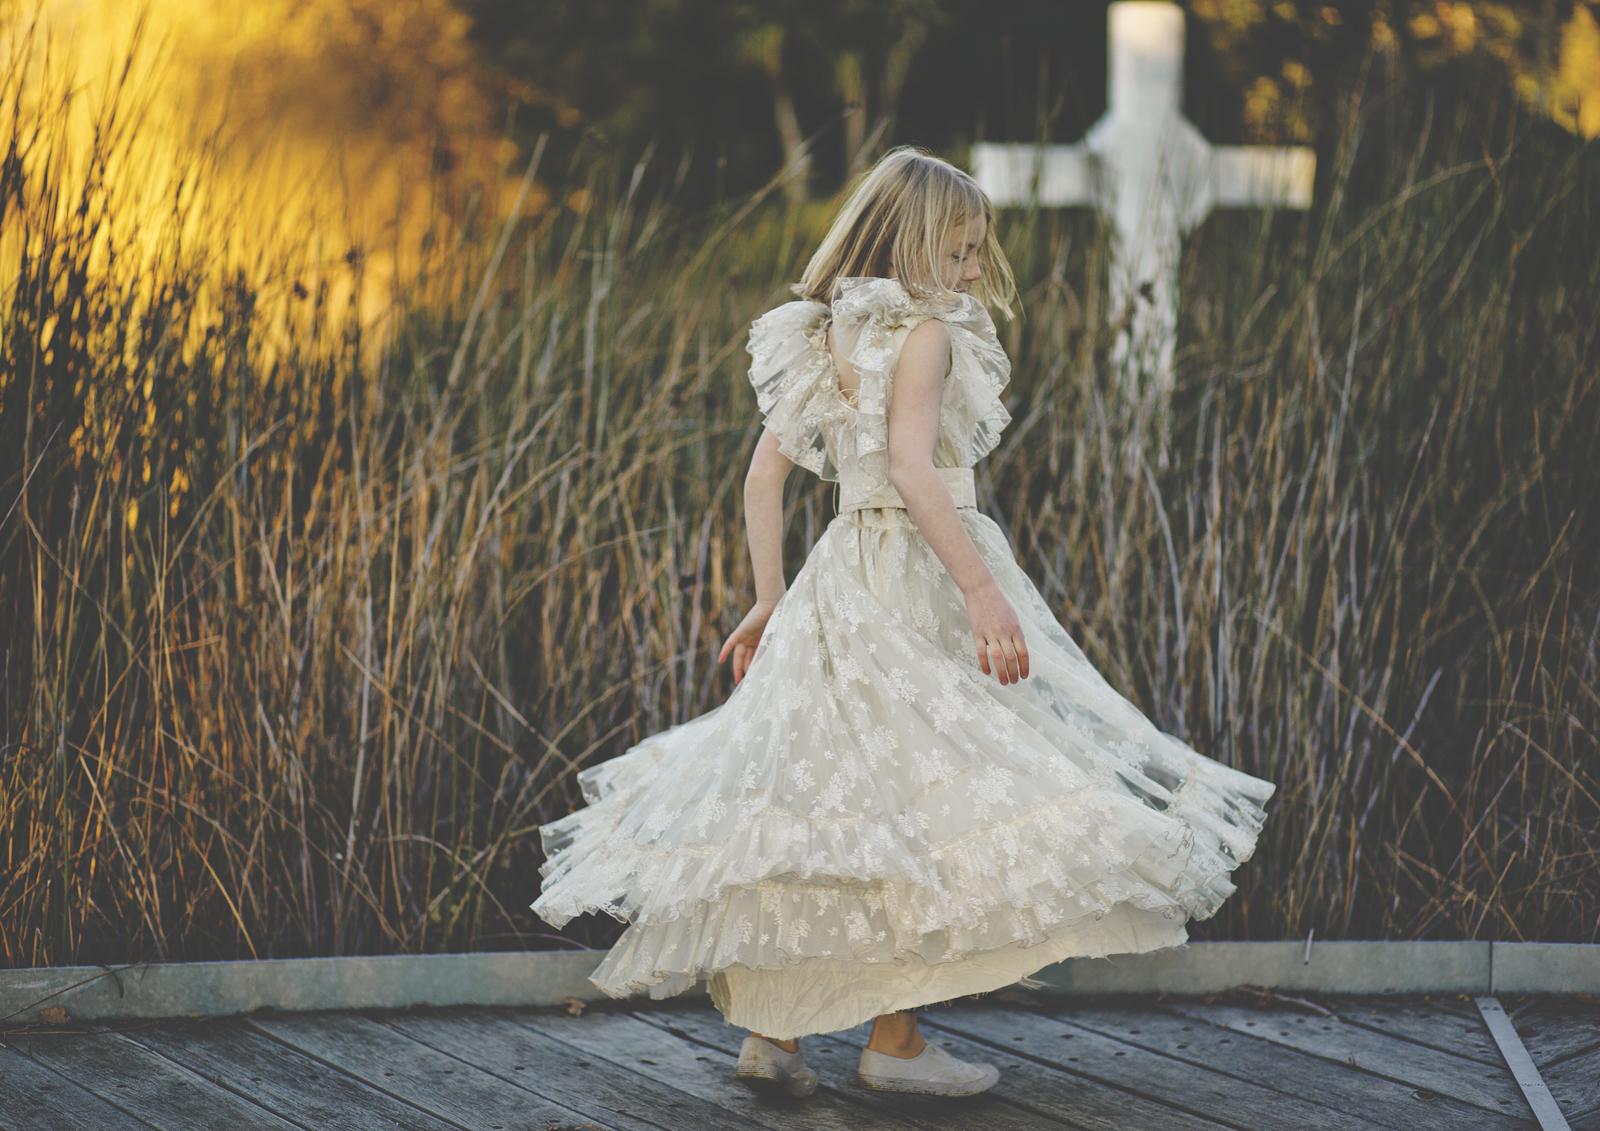 Tween girl dancing in her vintage dress